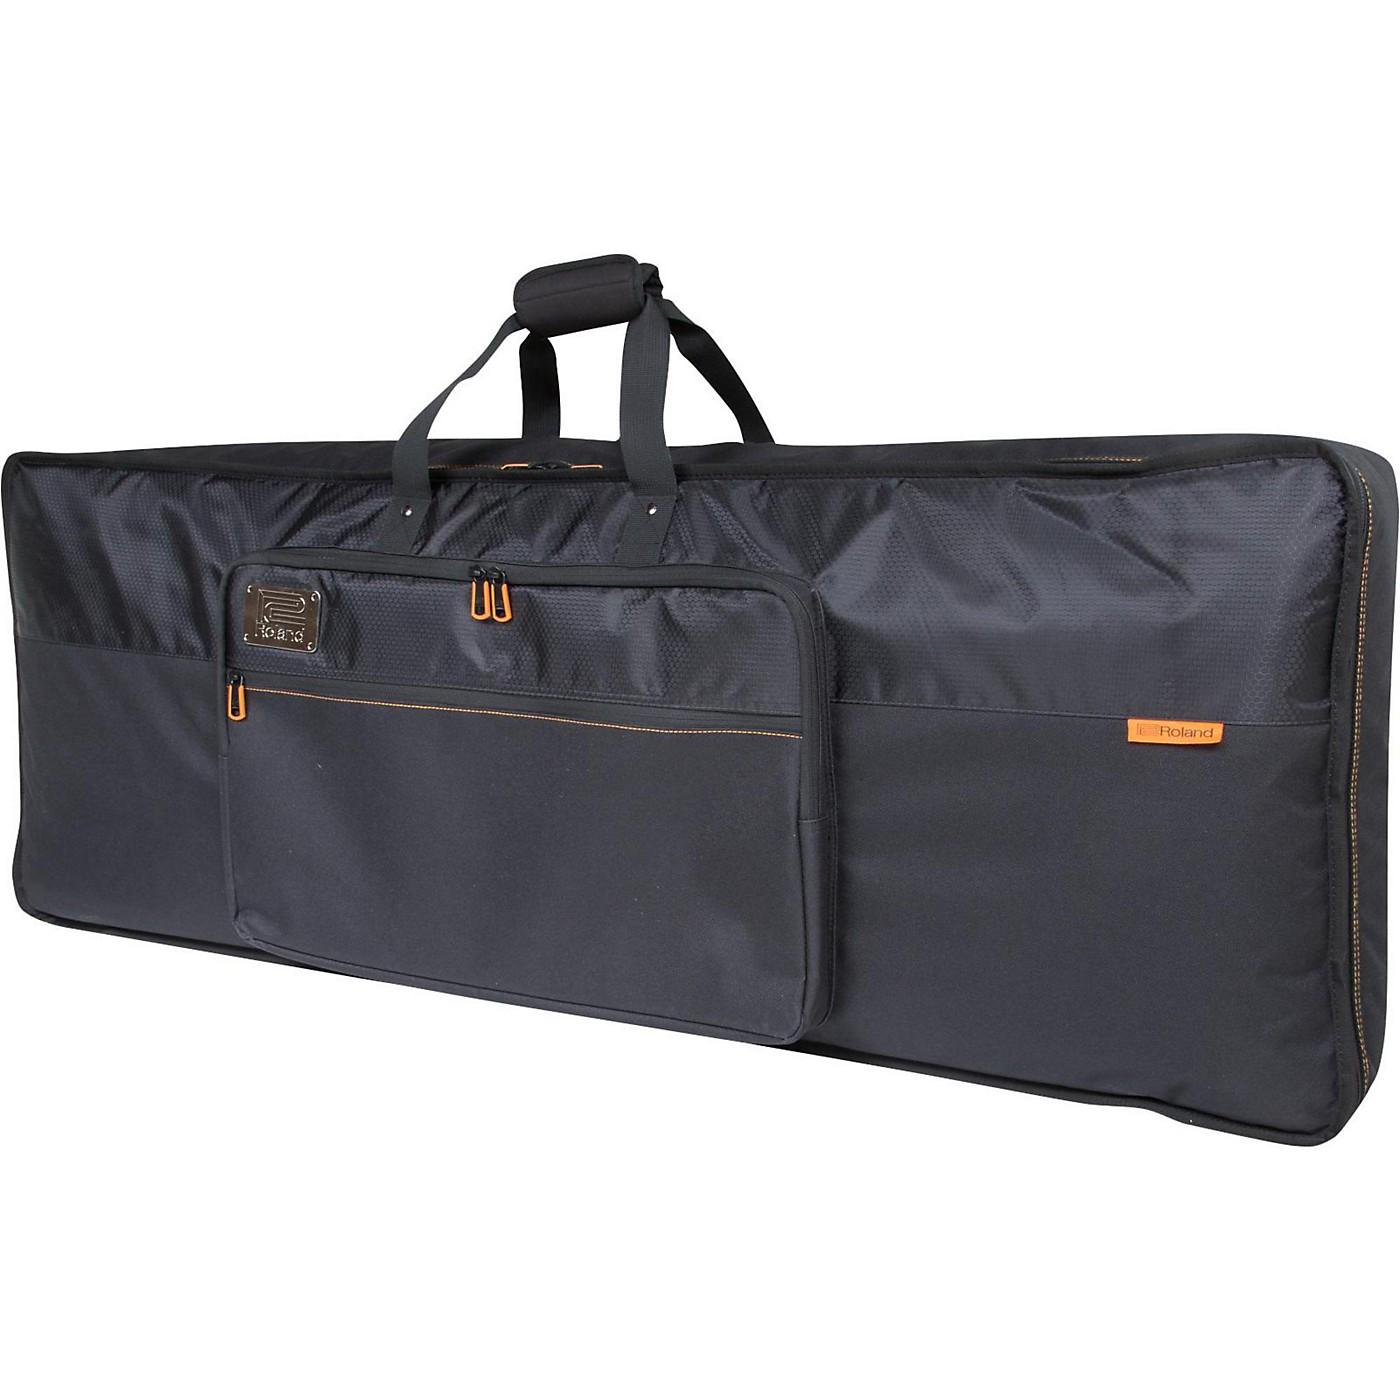 Roland Black Series Keyboard Bag - Small thumbnail